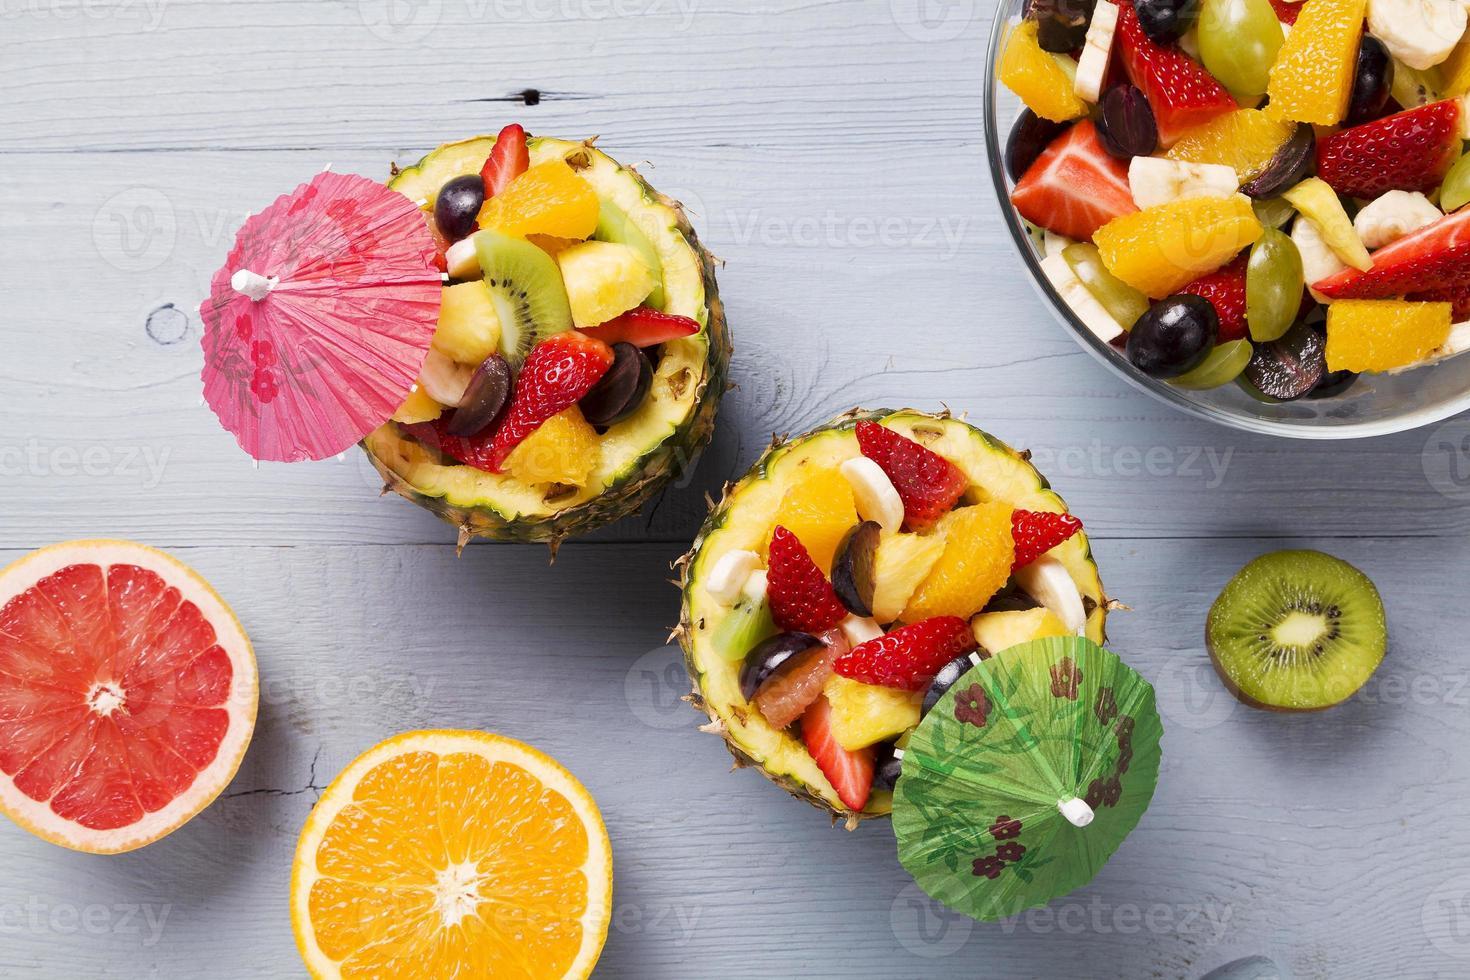 färsk fruktsallad serveras i skålar med färsk ananas foto